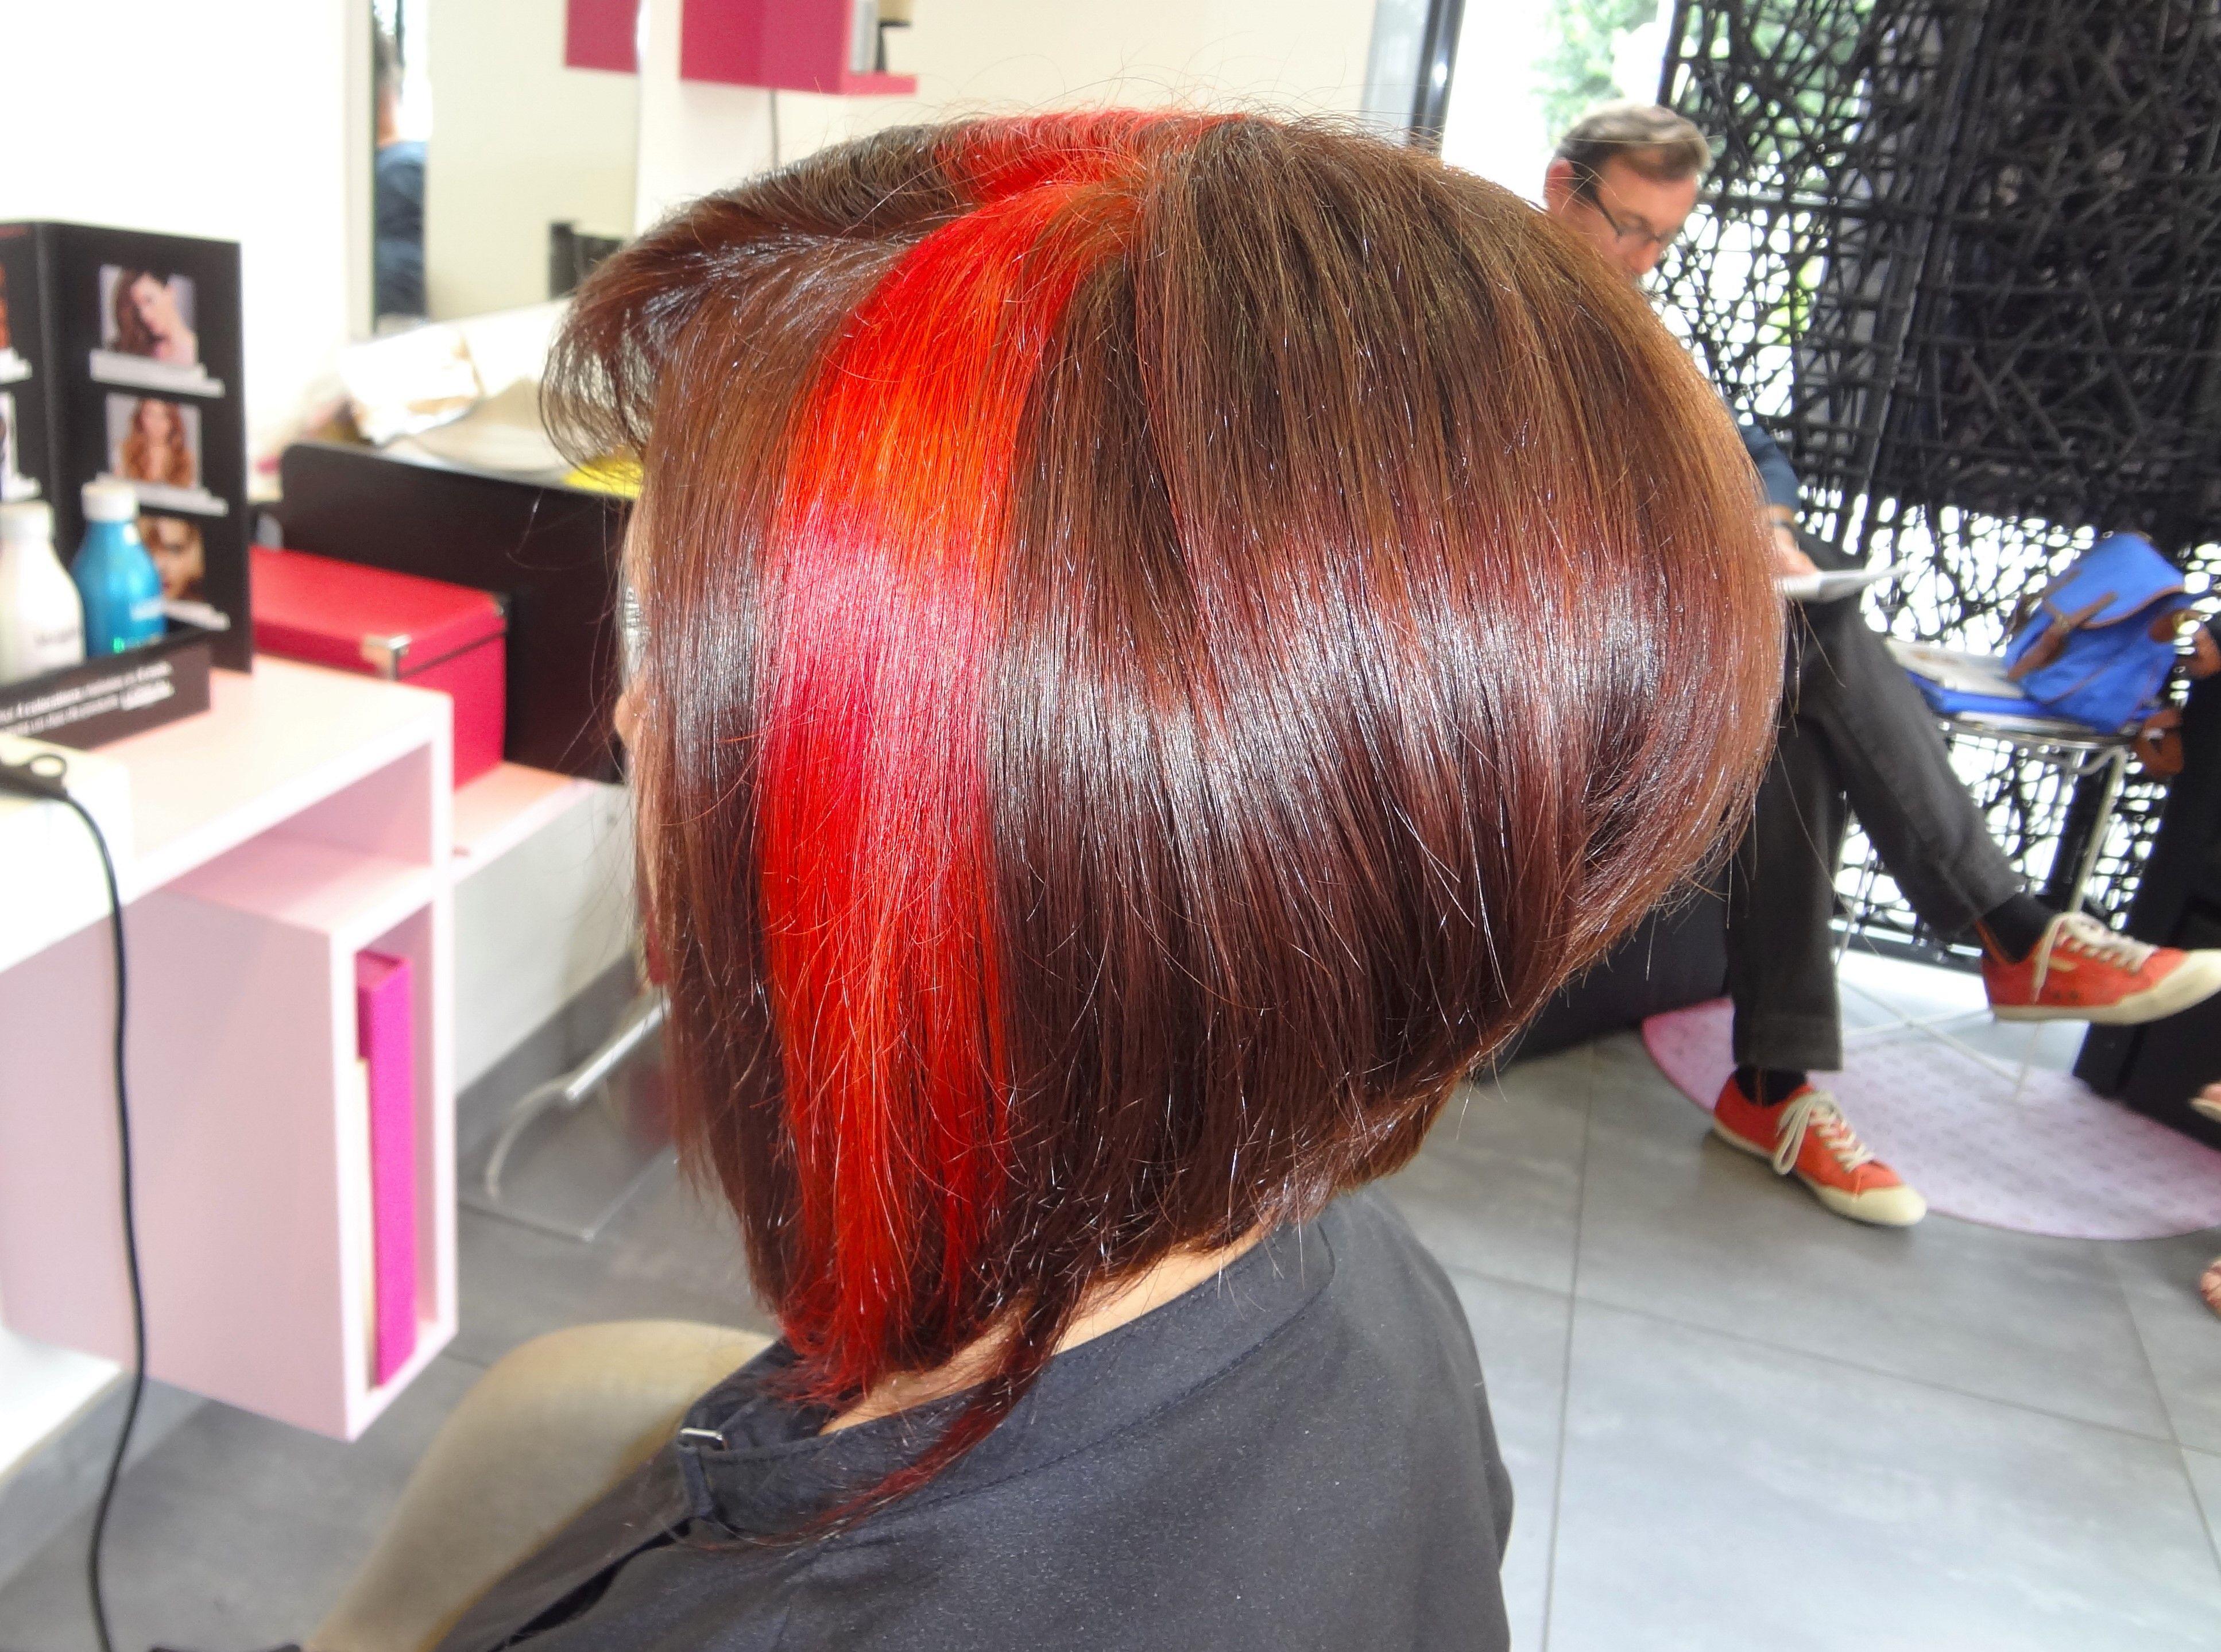 Carre Plongeant Degrade Coloration Accajou Effet Couleur 3d Rouge Et Cuivre Realise Au Salon Herveou Coiffure A Brest Hair Styles Long Hair Styles Hair